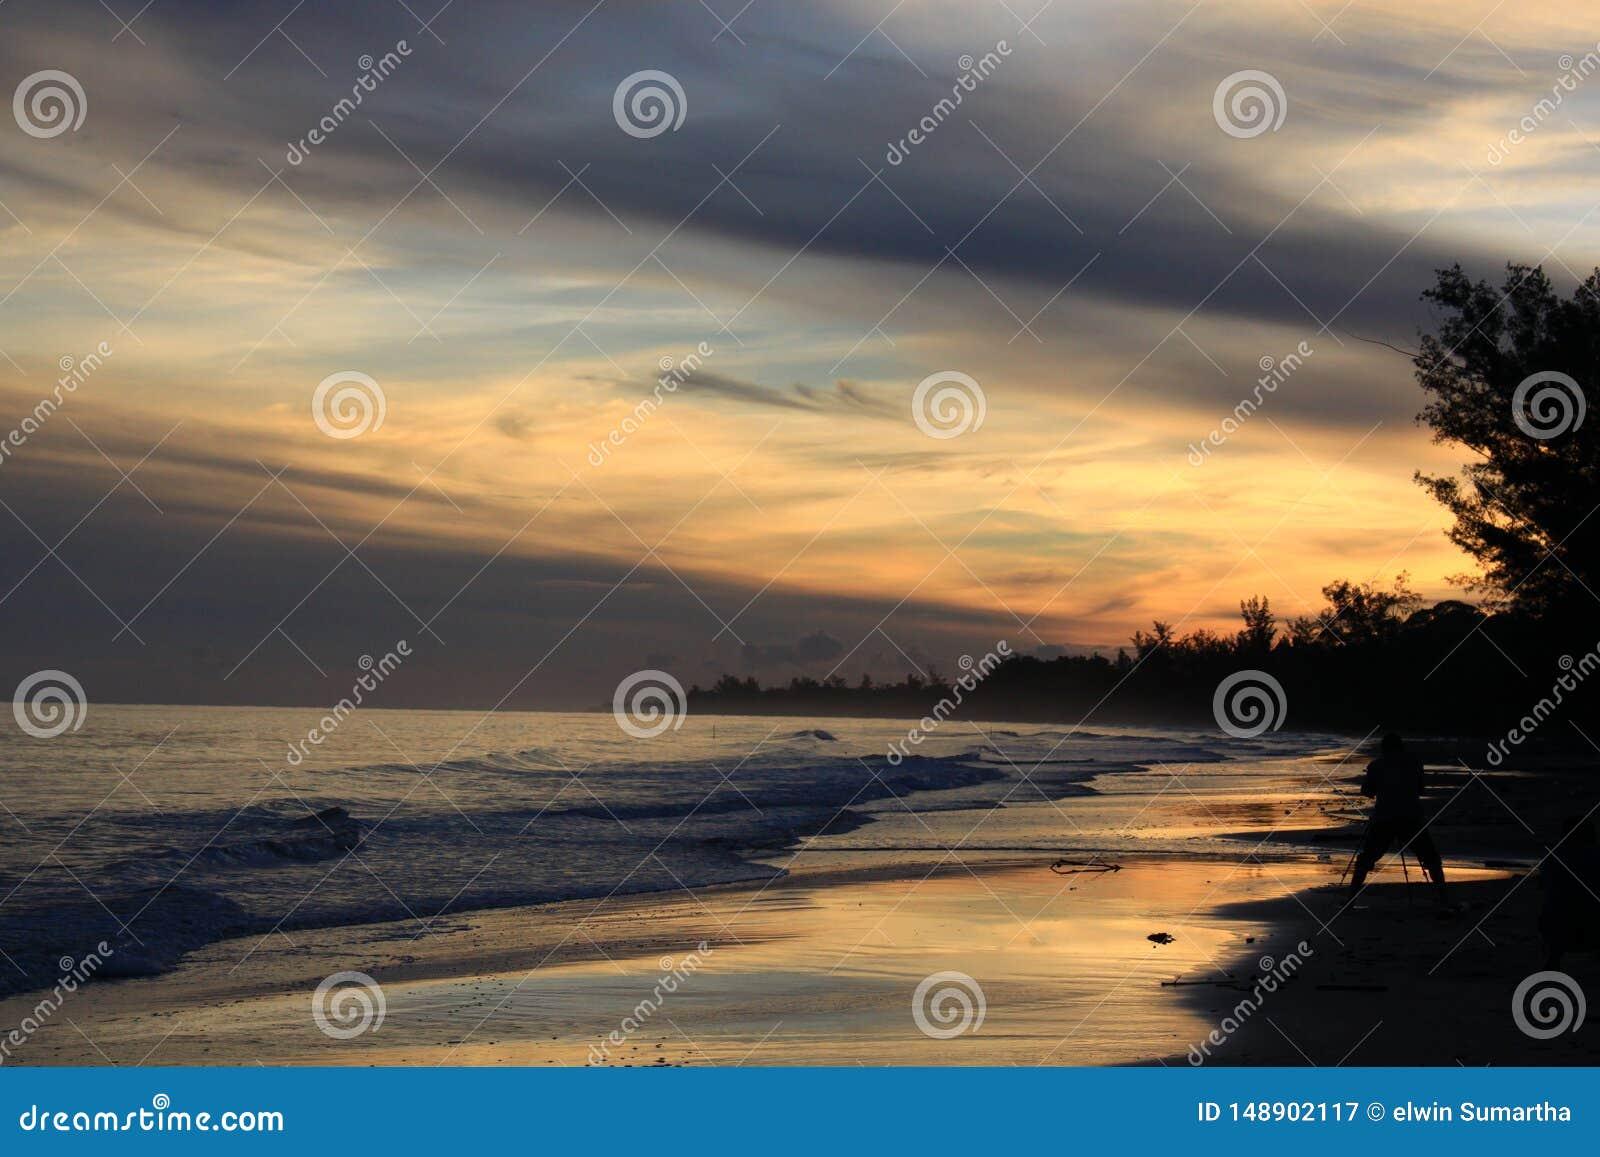 K?stenlinie im Sonnenuntergang der gl?cklichen Stunden